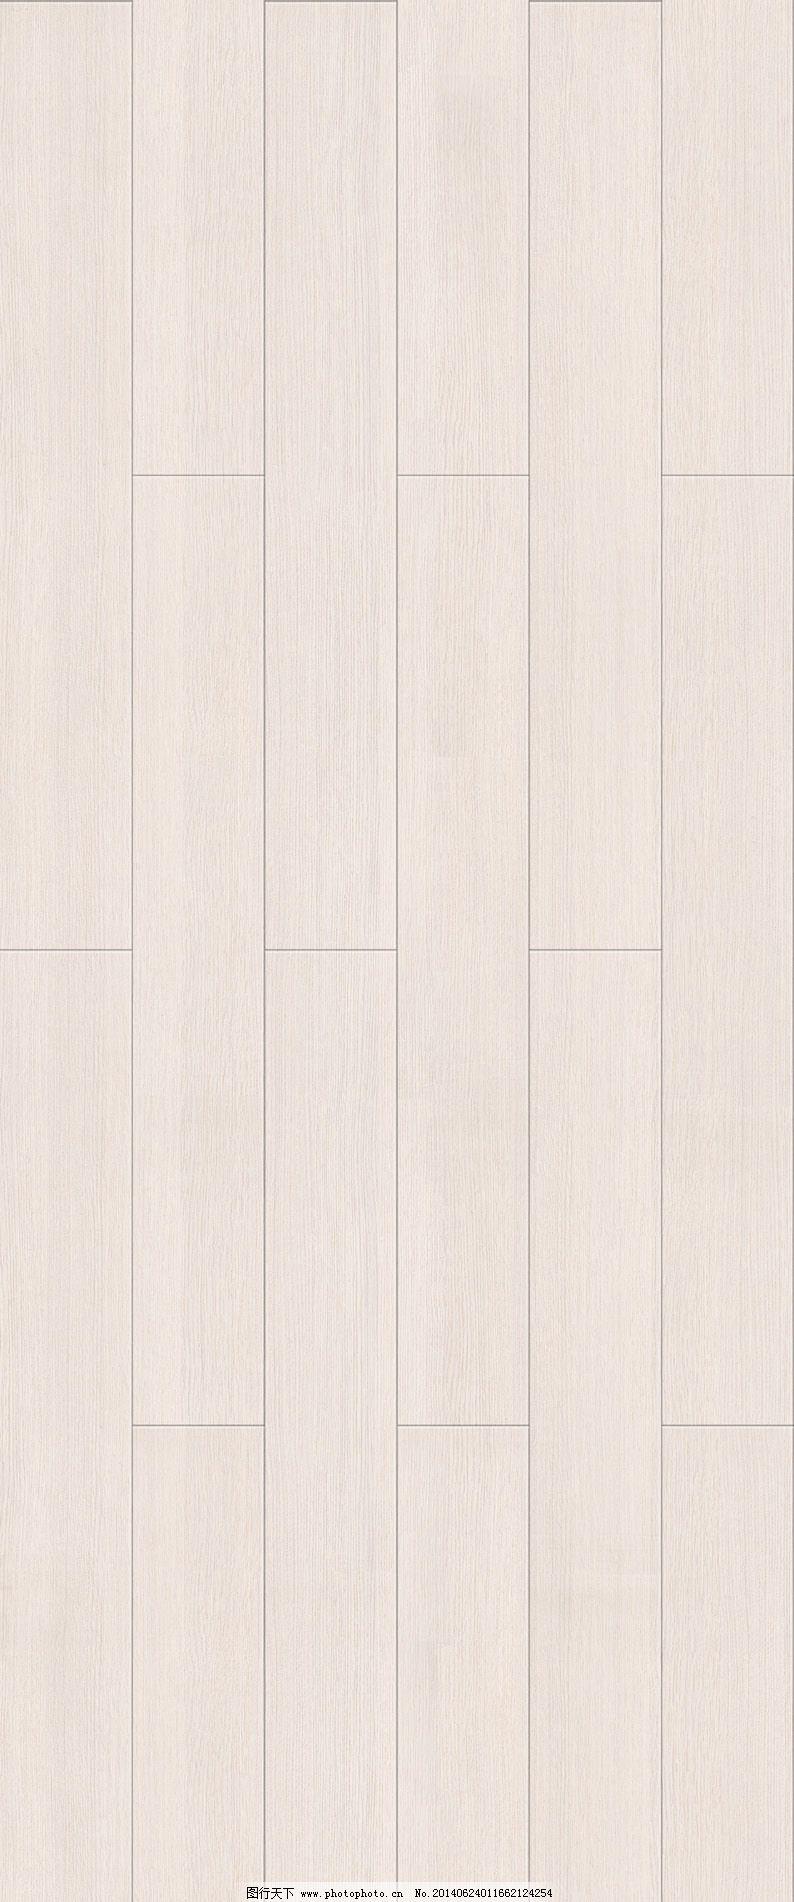 木地板材质 木地板效果图 装修效果图 地板贴图 装饰素材 室内装饰用